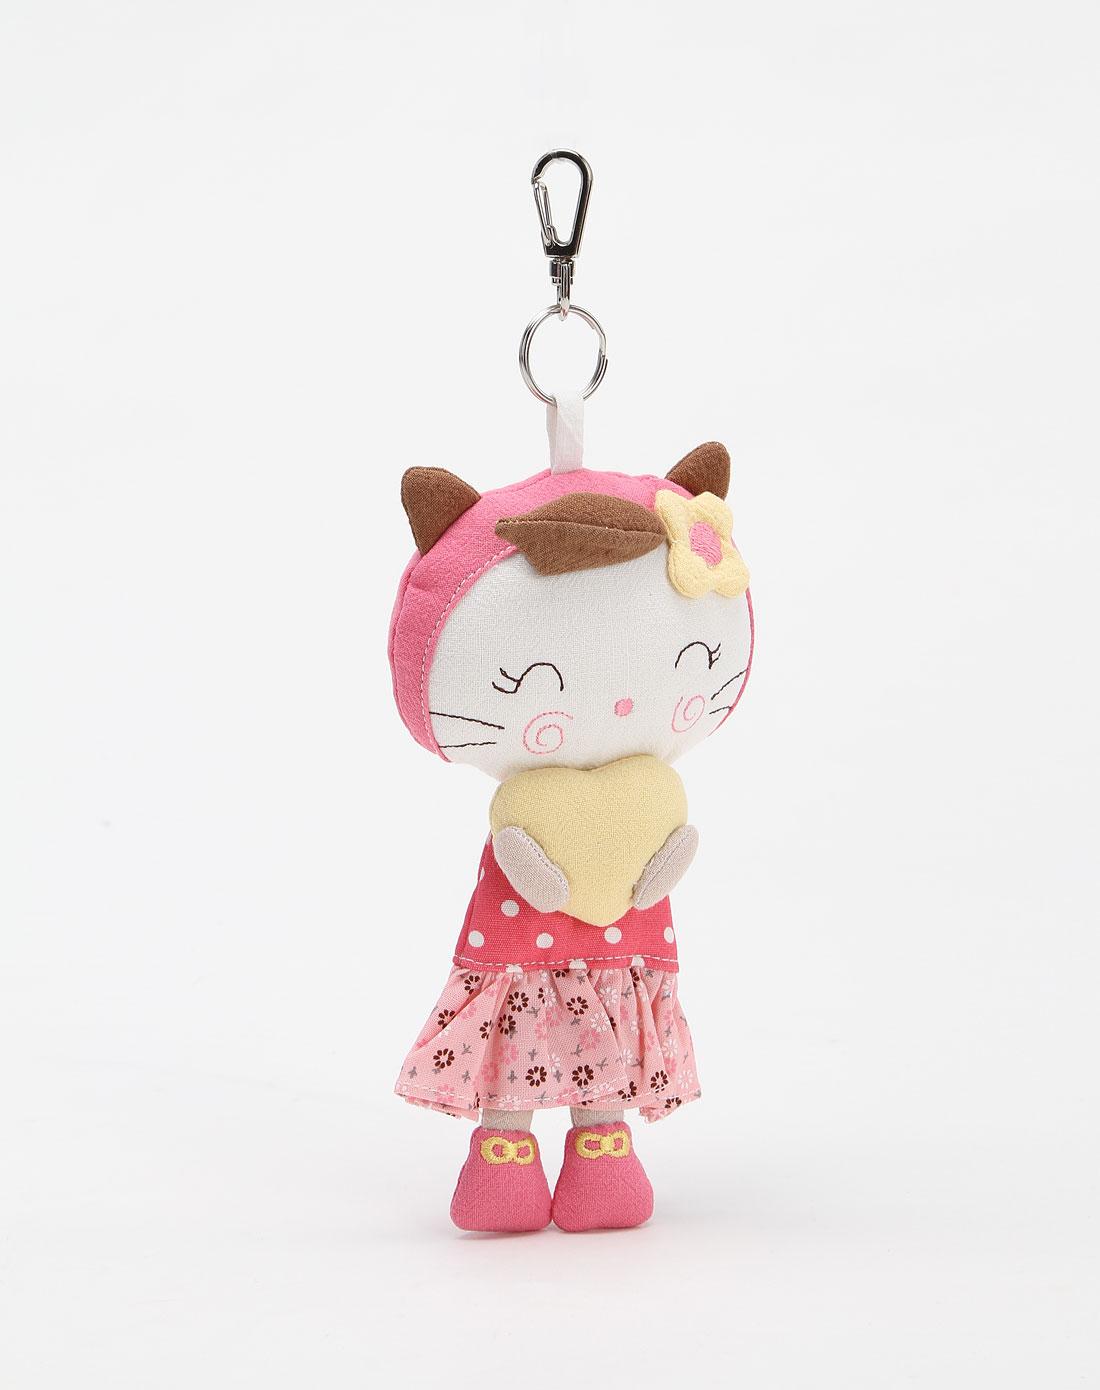 粉红色可爱小挂件